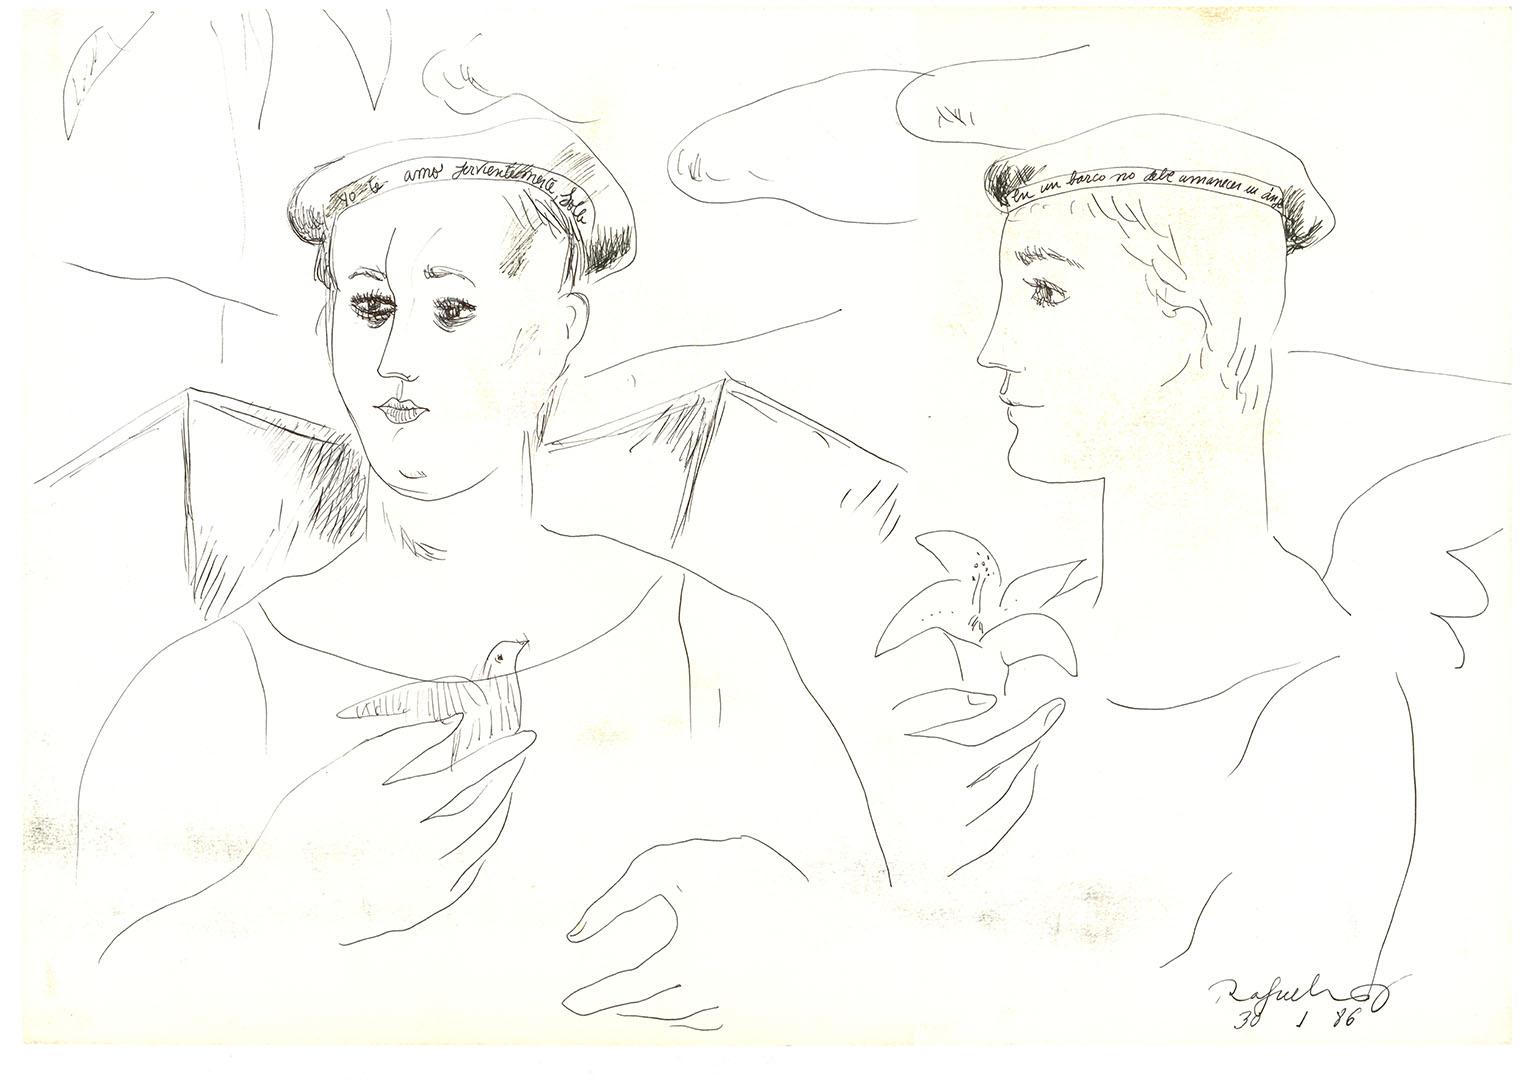 1986 - Dibujo de dos hombres uno con un pájaro en la mano y el otro con una flor<div style='clear:both;width:100%;height:0px;'></div><span class='cat'>Dibujos, Drawings</span>